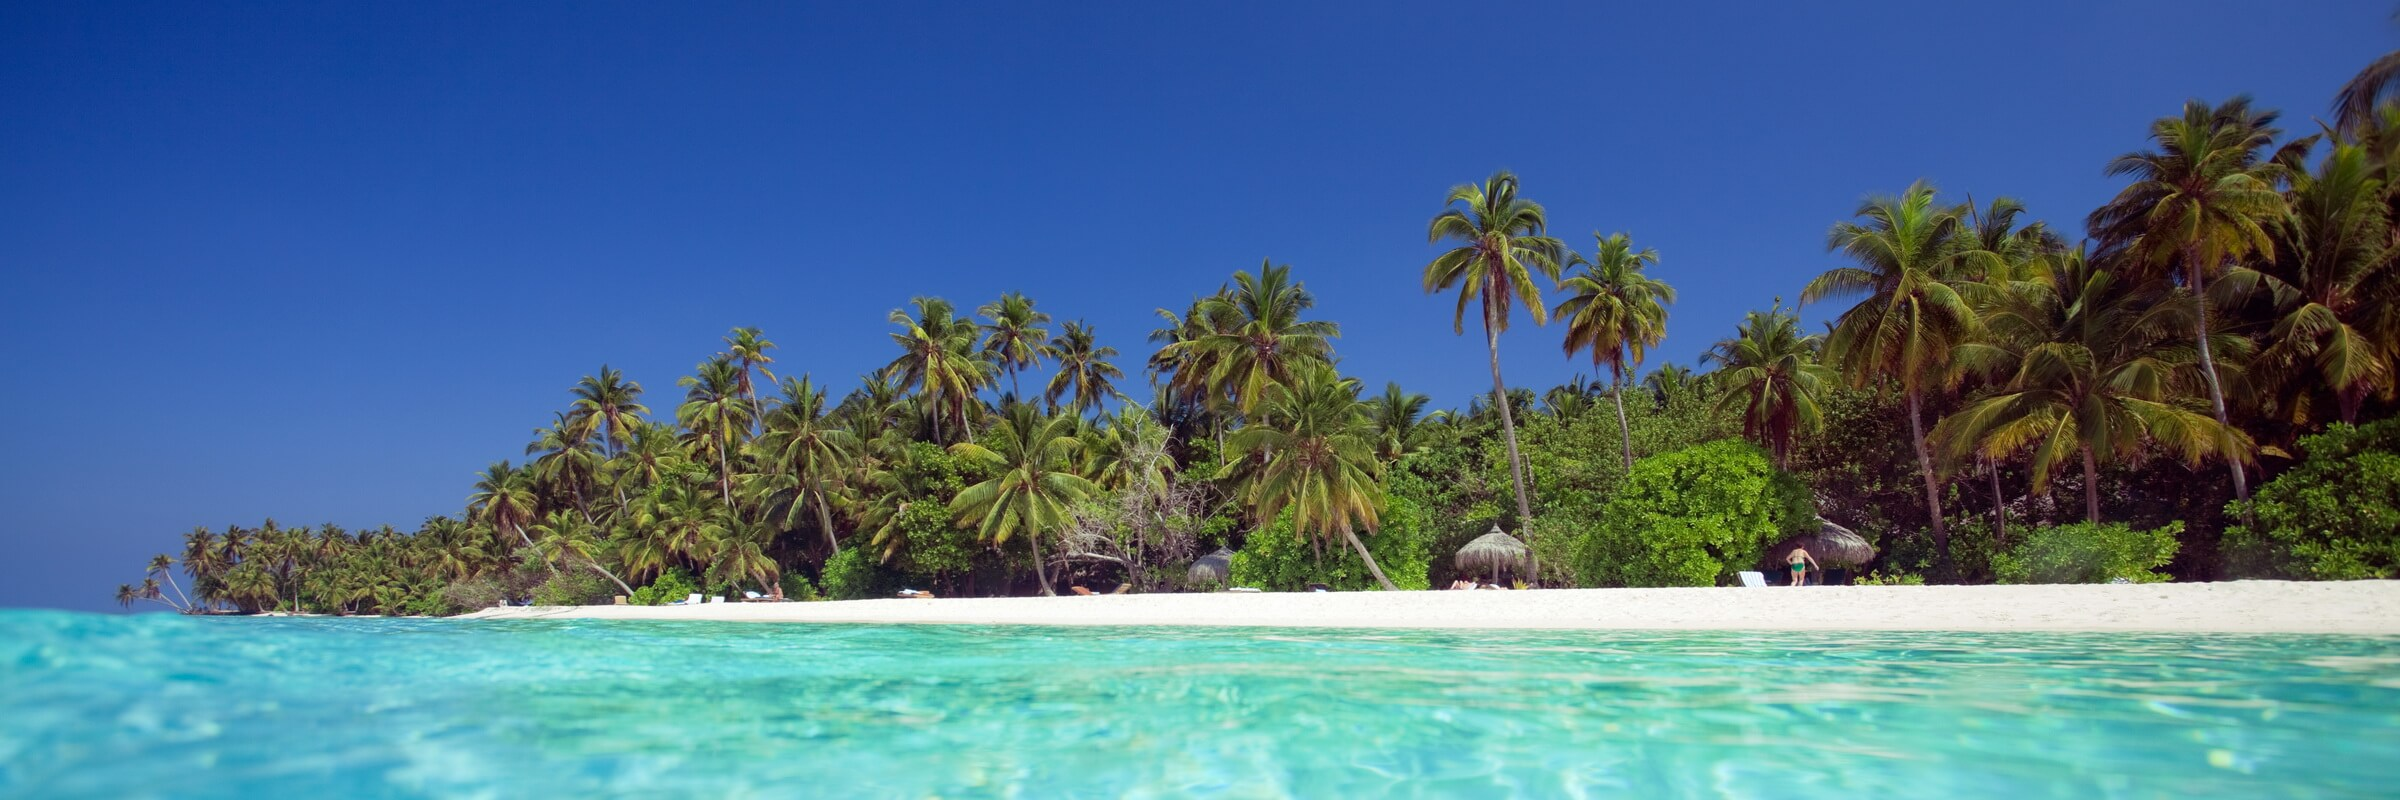 Malediven Reiseinformation